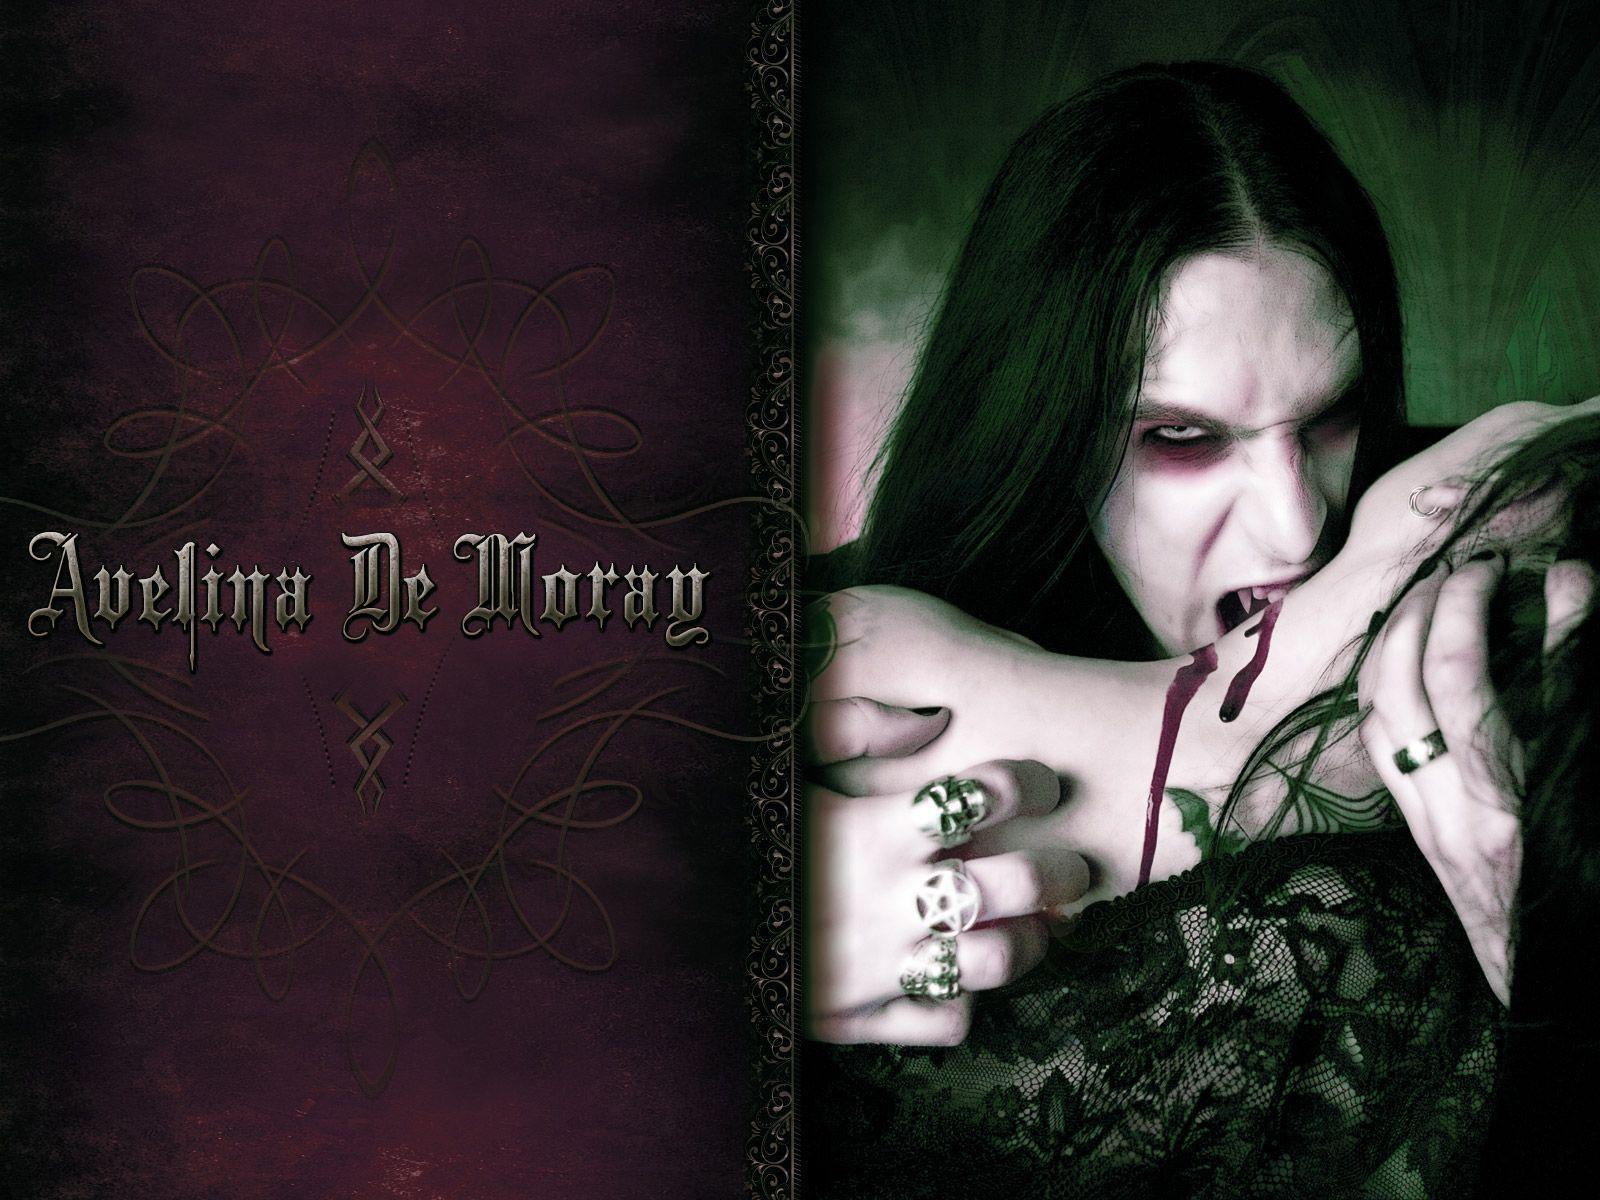 Vampire And Gothic...